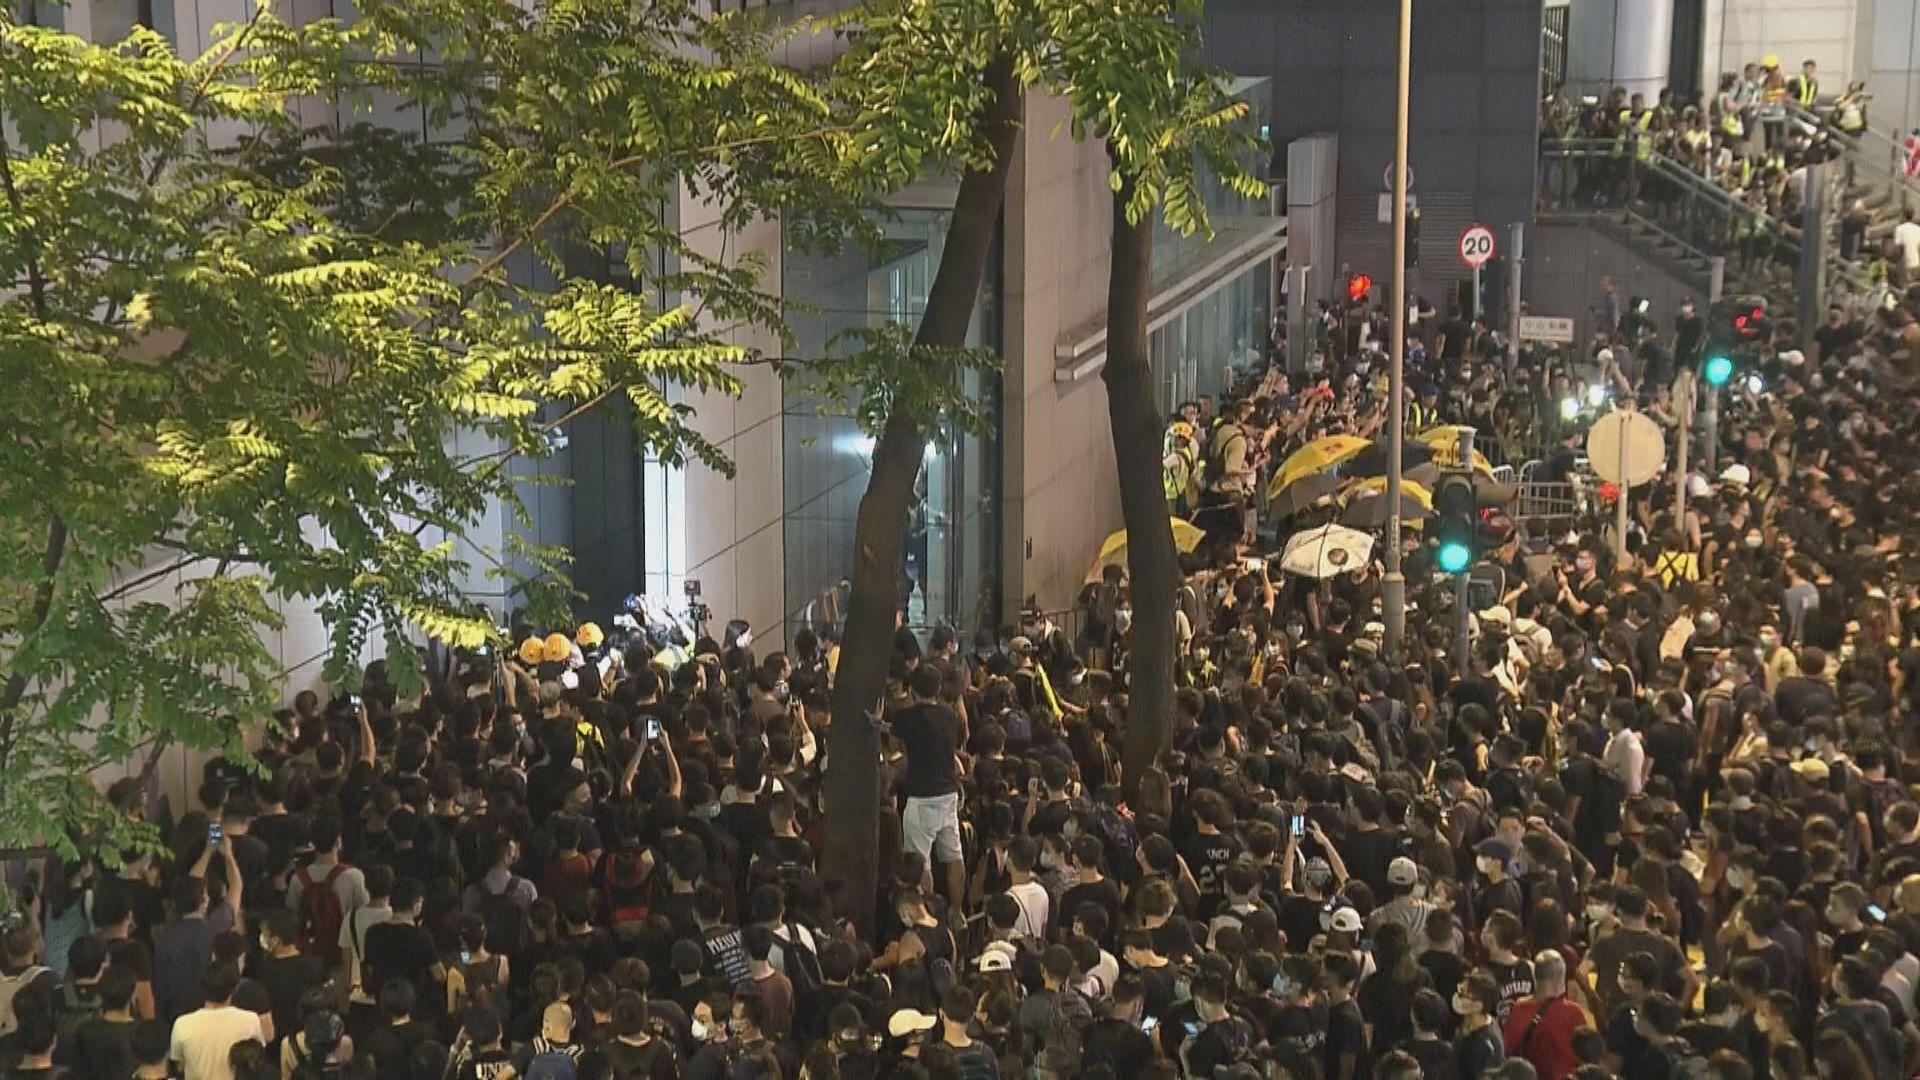 去年626包圍警總案地盤工暴動罪成 還柙至下周五判刑